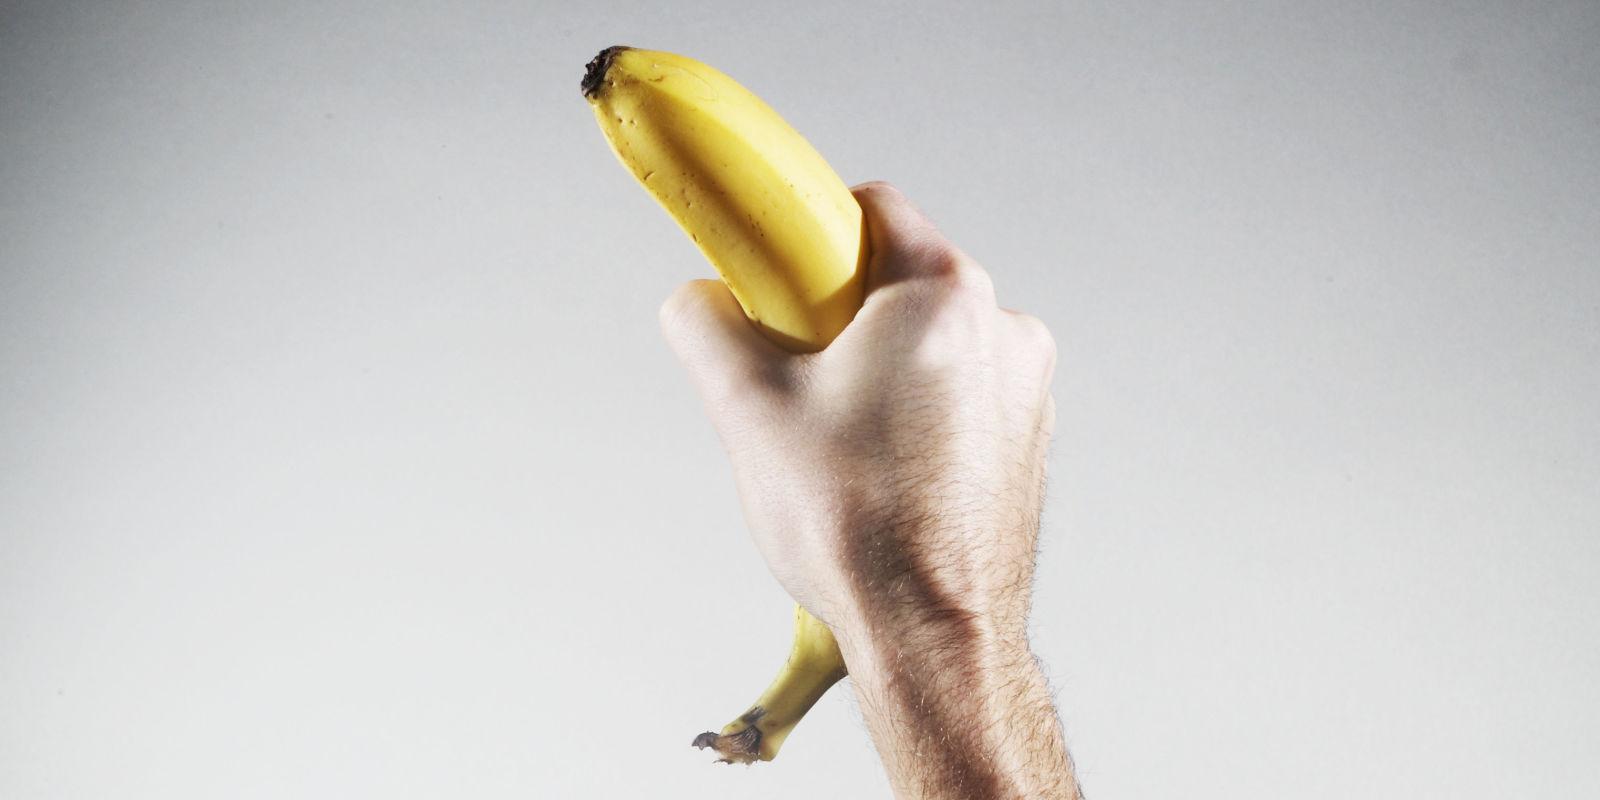 Dick molto grande enut molto piccolo